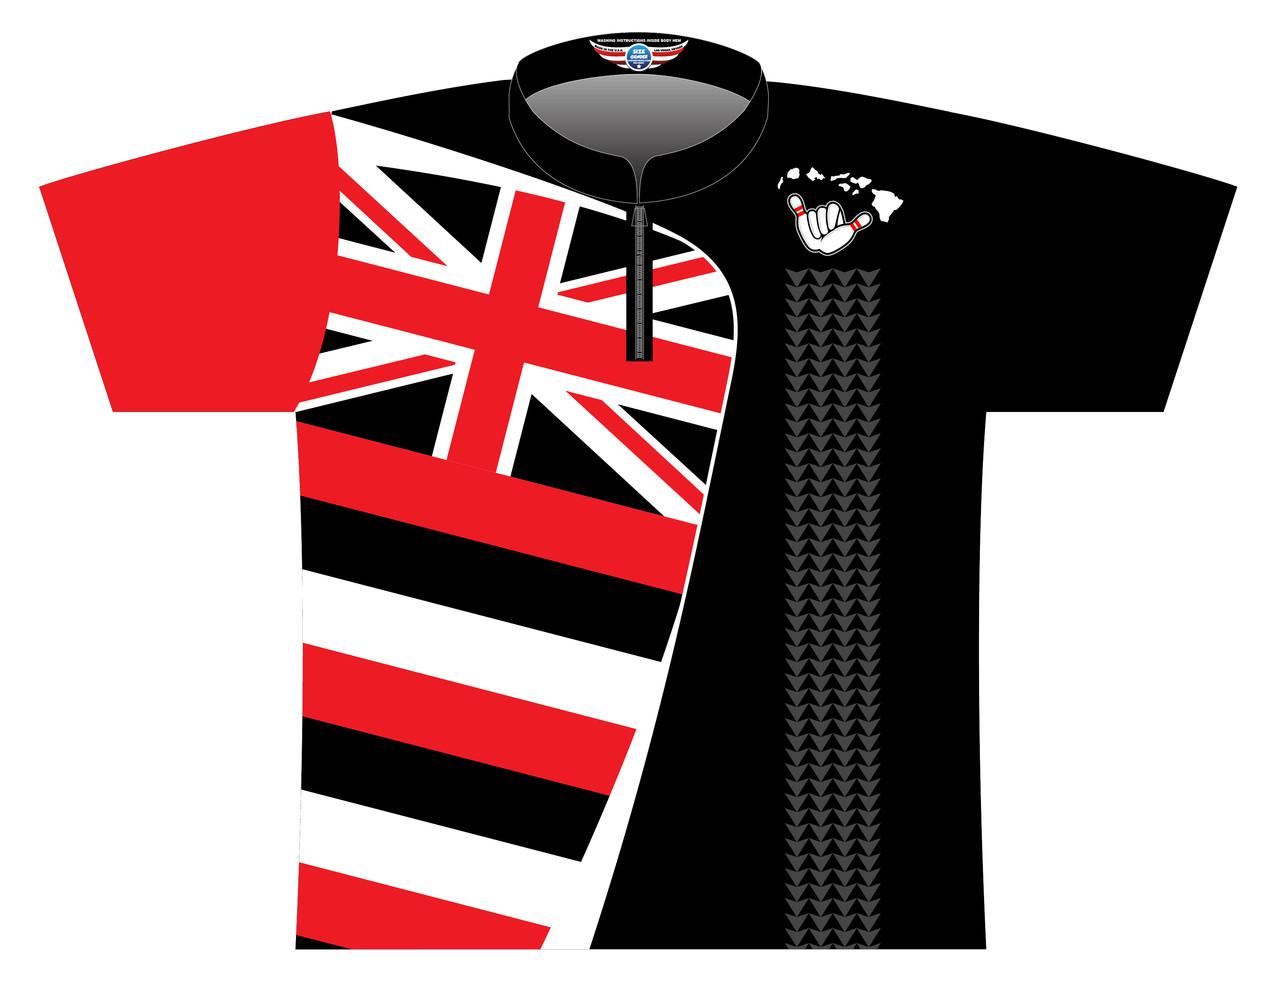 HBT Sublimated Jersey - HBT_004